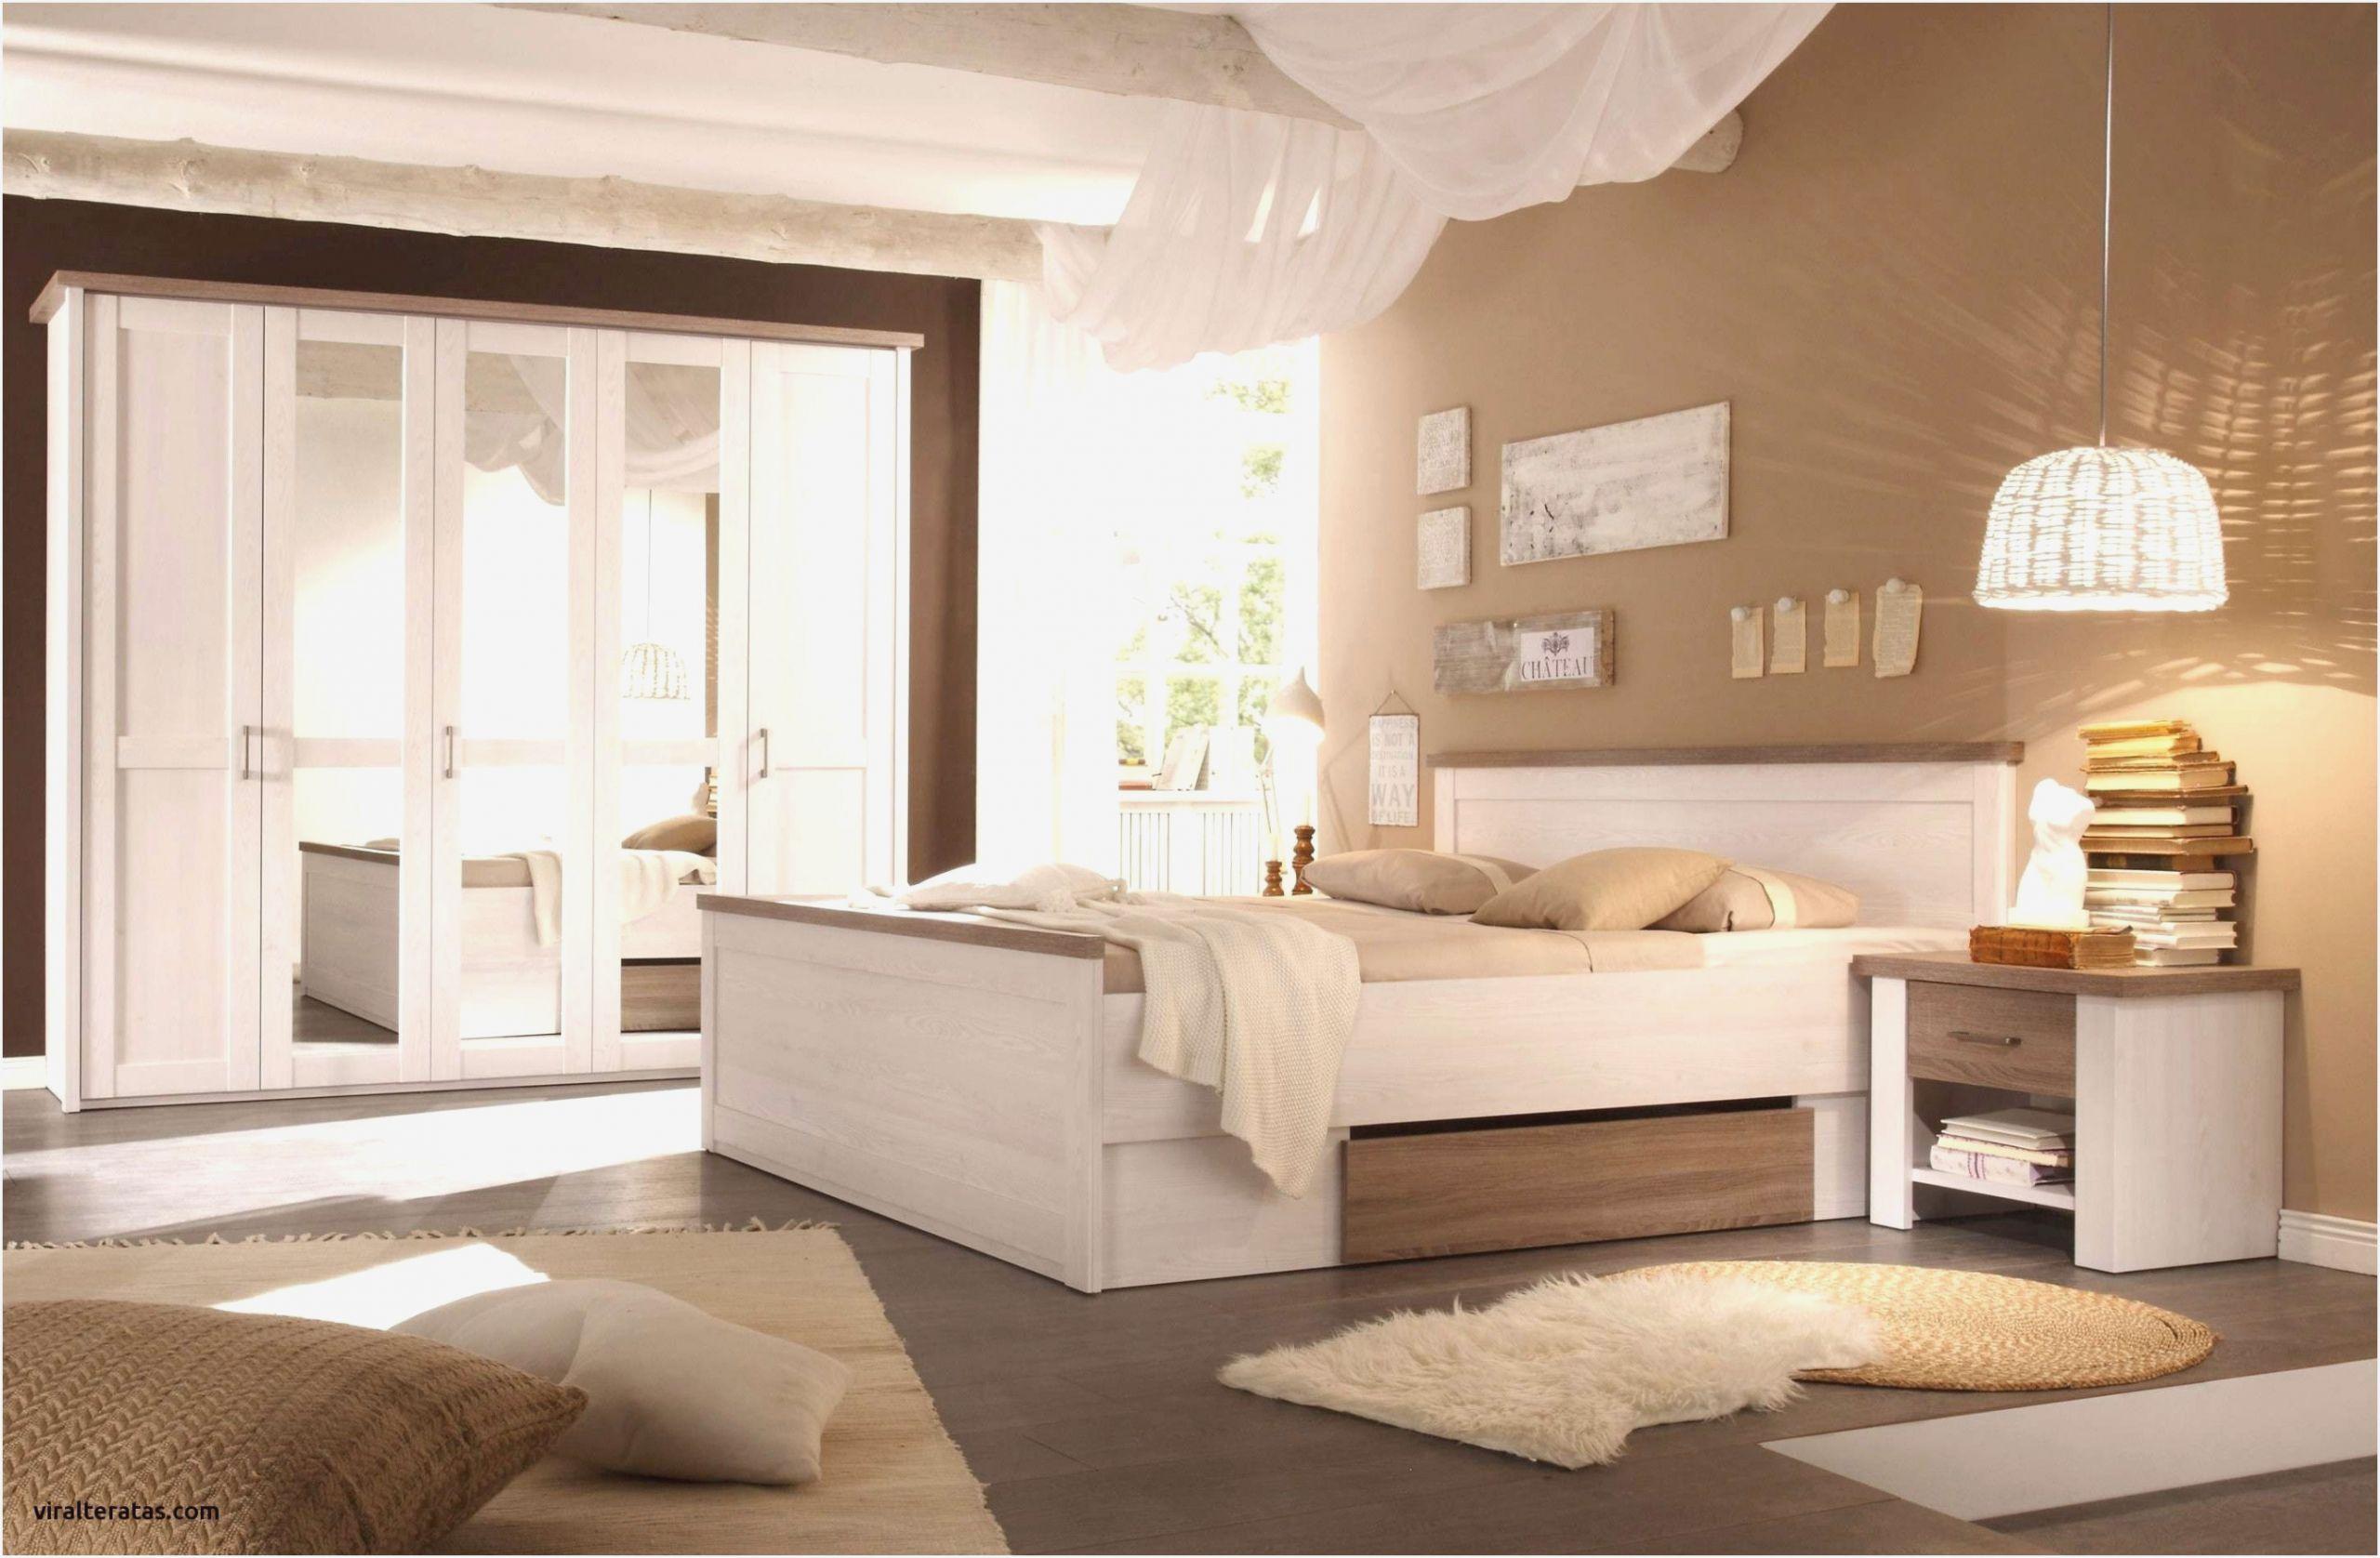 Full Size of Wanddeko Schlafzimmer Romantische Deko Frs Traumhaus Landhausstil Weiß Teppich Lampe Komplettangebote Stehlampe Komplette Set Deckenlampe Betten Günstige Wohnzimmer Wanddeko Schlafzimmer